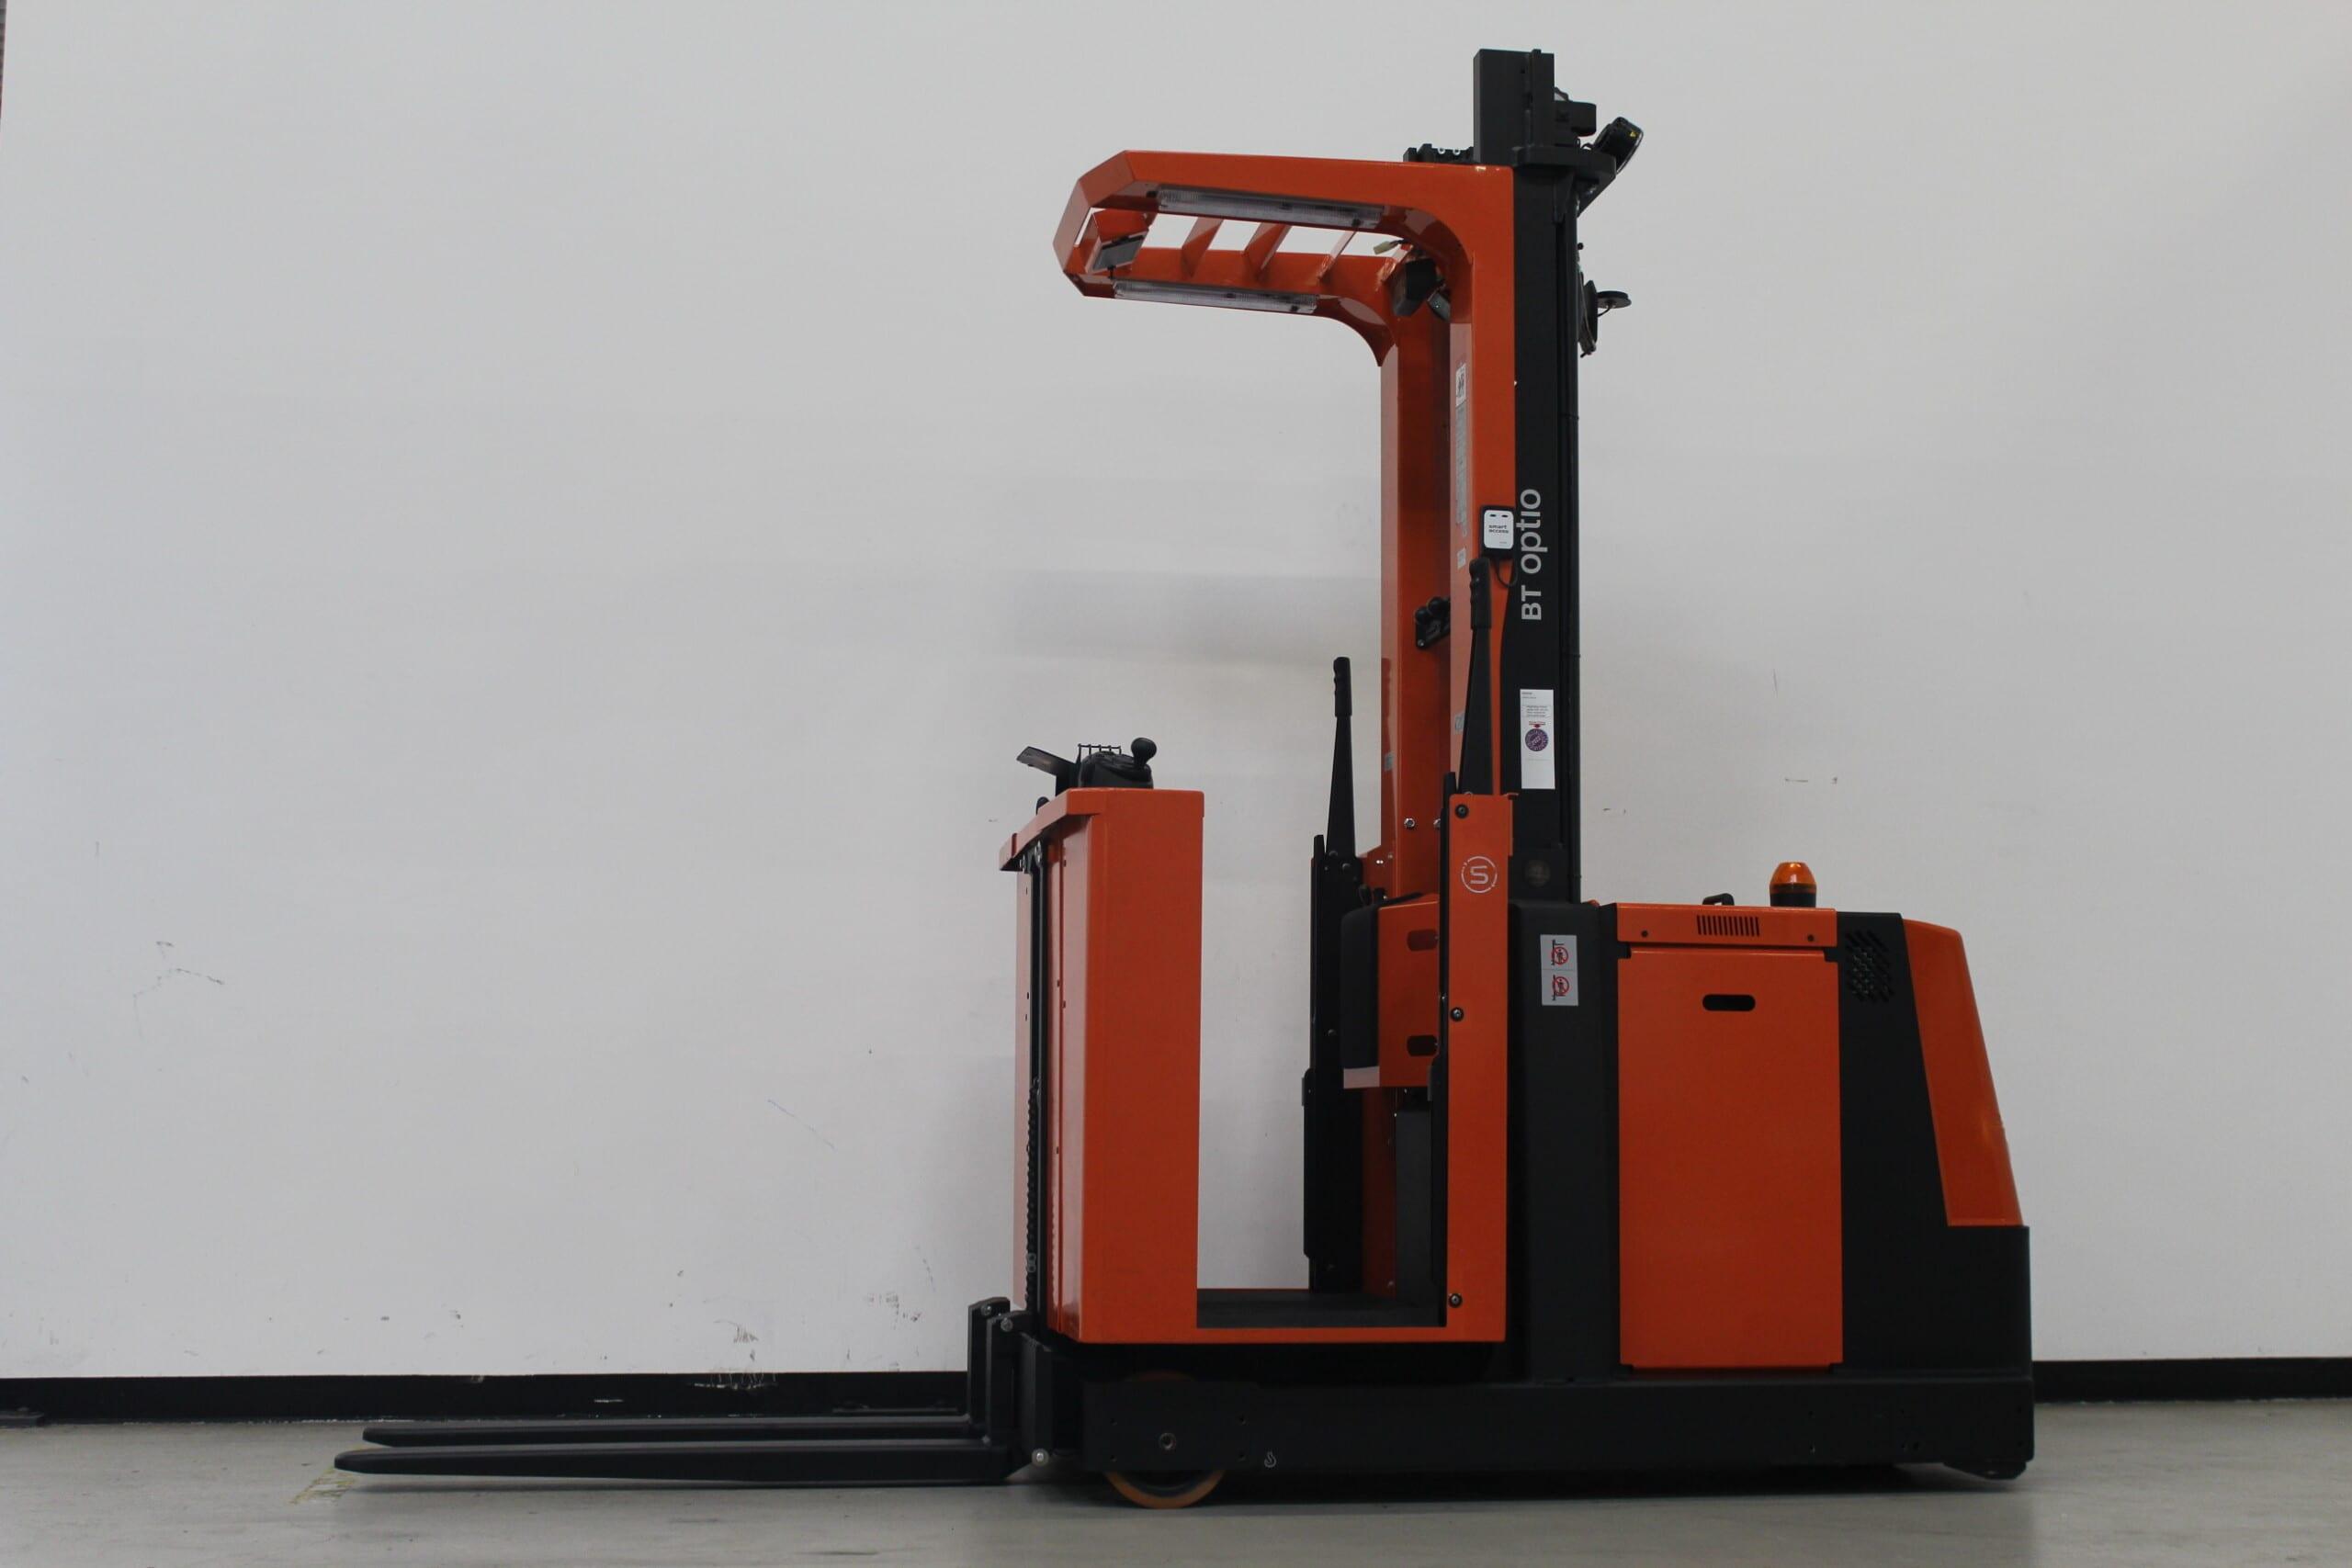 Toyota-Gabelstapler-59840 1912006846 1 scaled